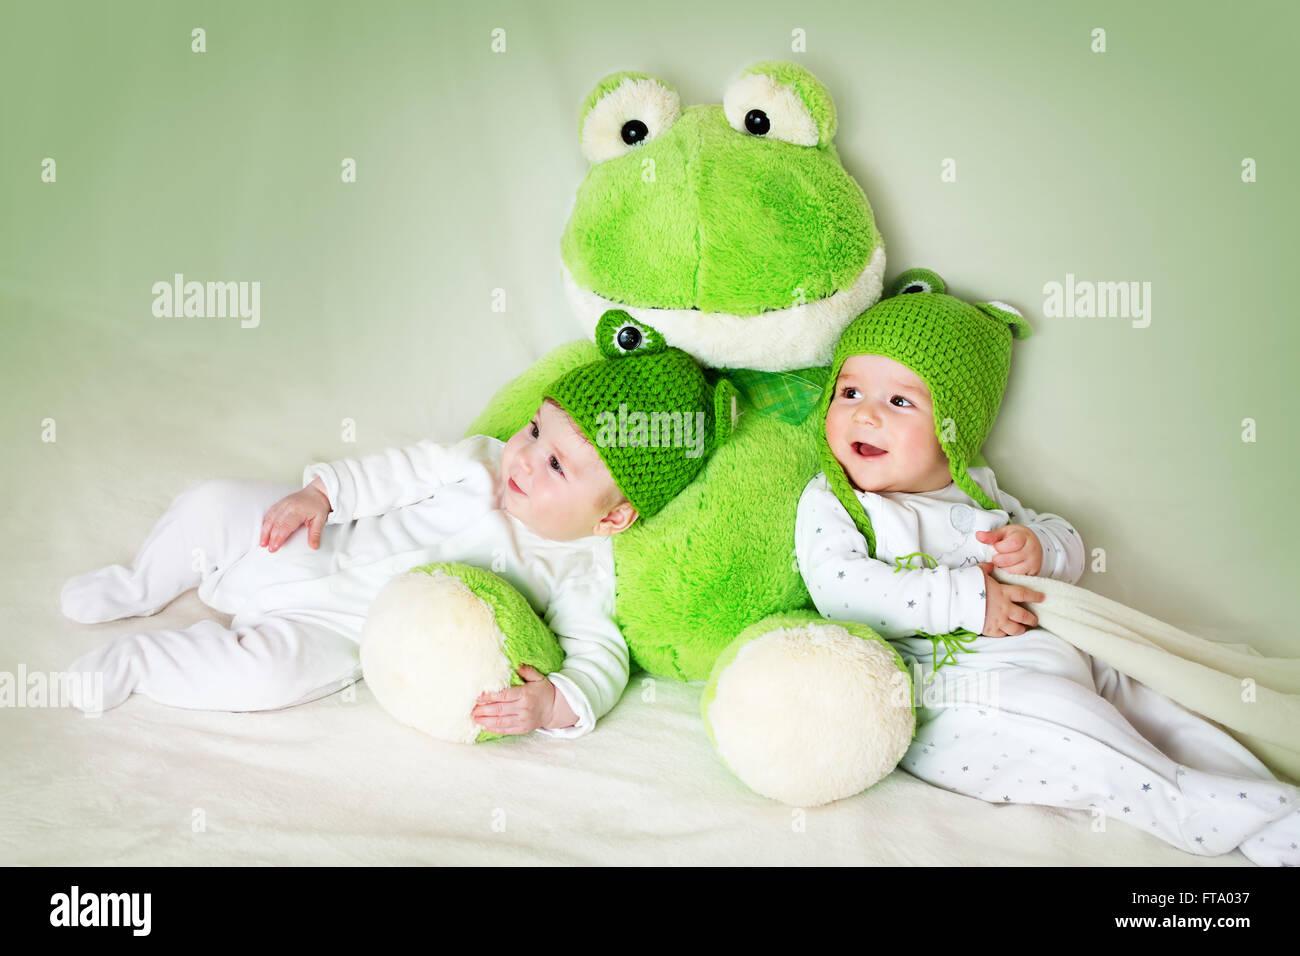 Due graziosi bambini giacente in cappelli di rana con un giocattolo morbido Foto Stock